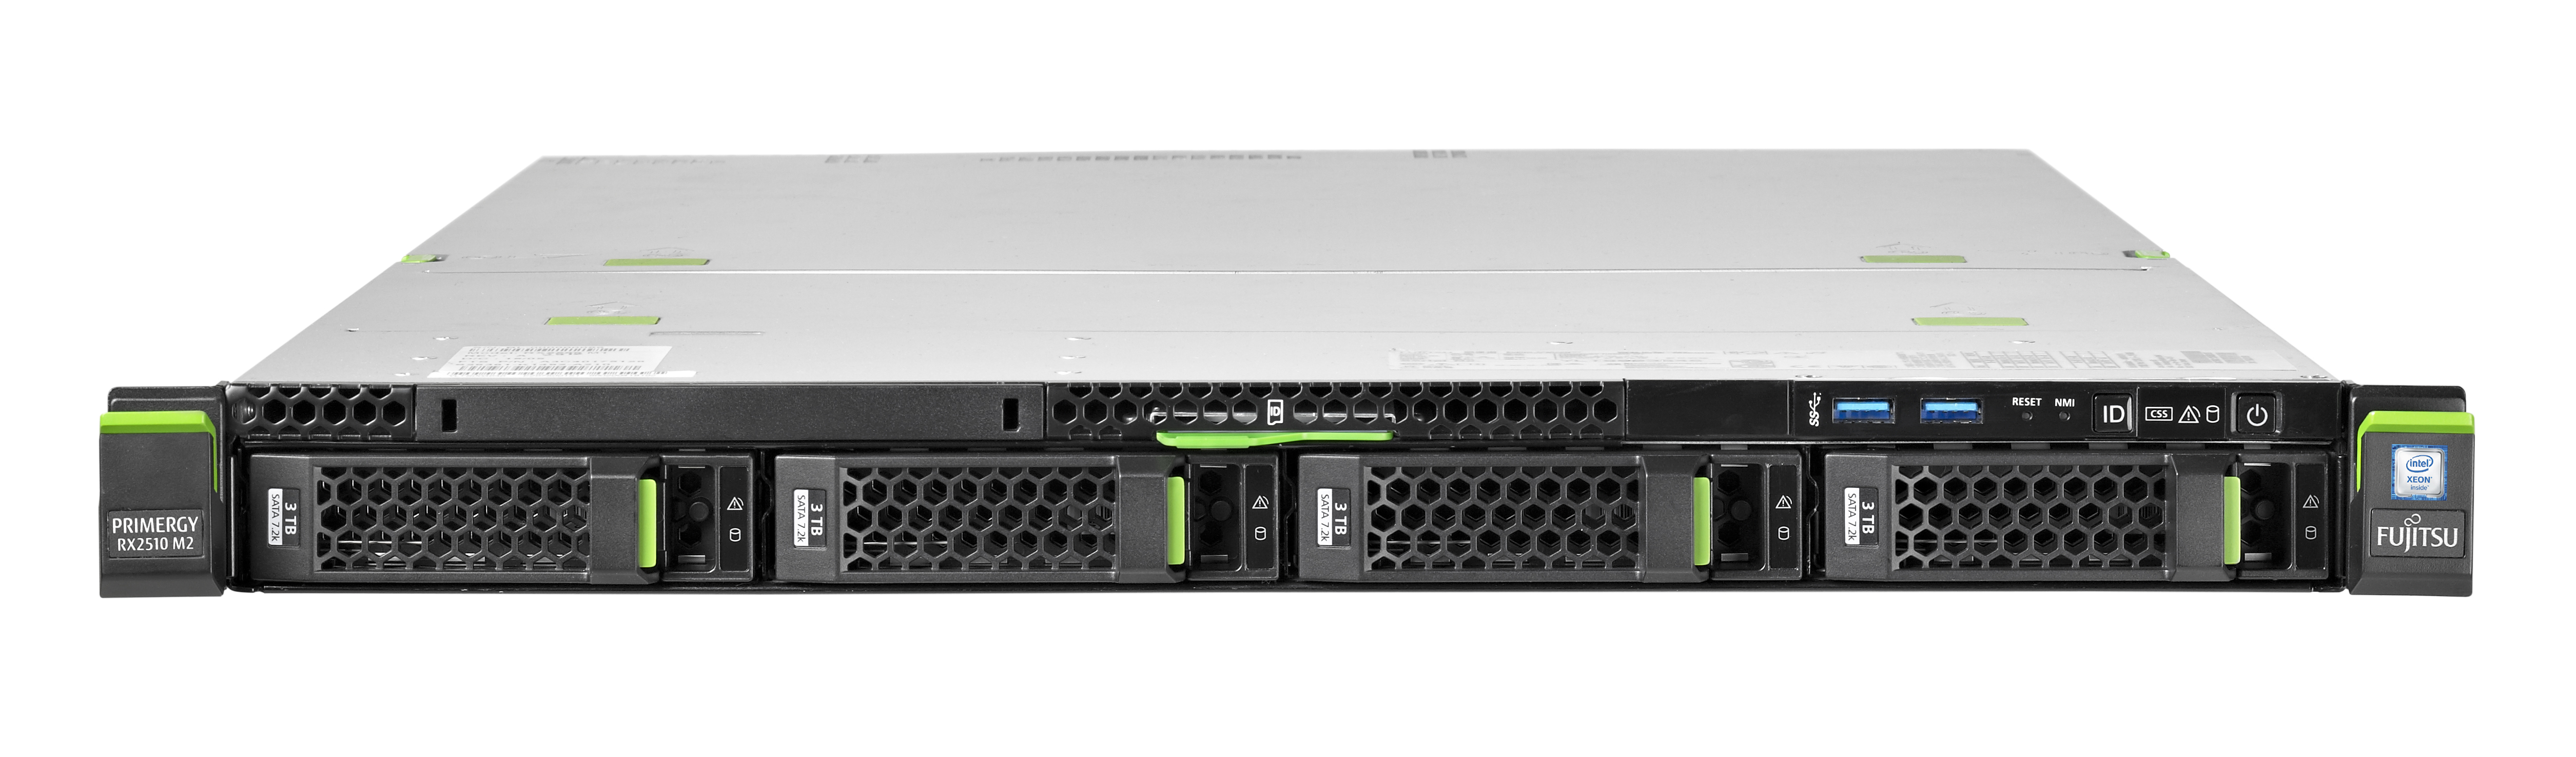 """Fujitsu PRIMERGY RX2510 M2 4x3,5""""/1U/E5-2620v4 8C/16T/8GB/noHDD/RAID 0,1/2xGL/450W/SYM"""